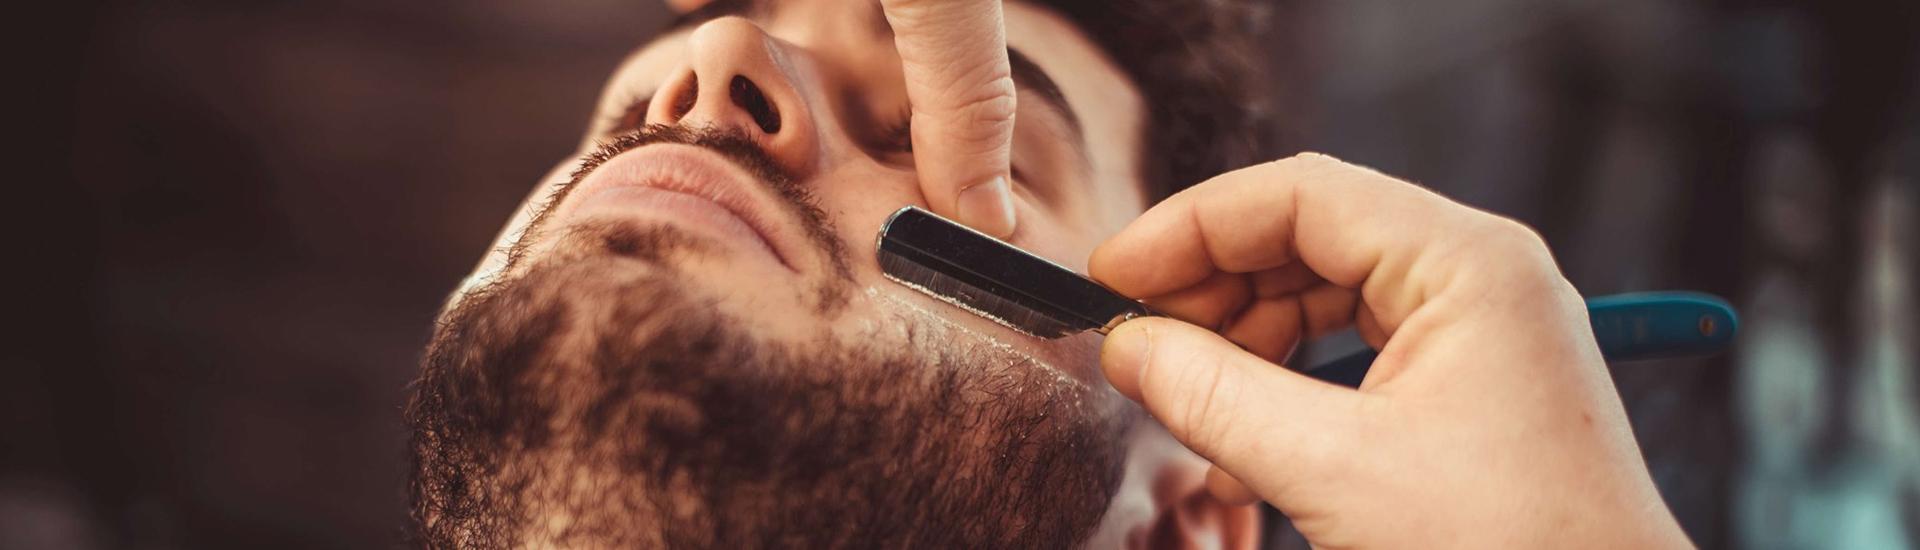 Salon de coiffure à Moissy-Cramayel